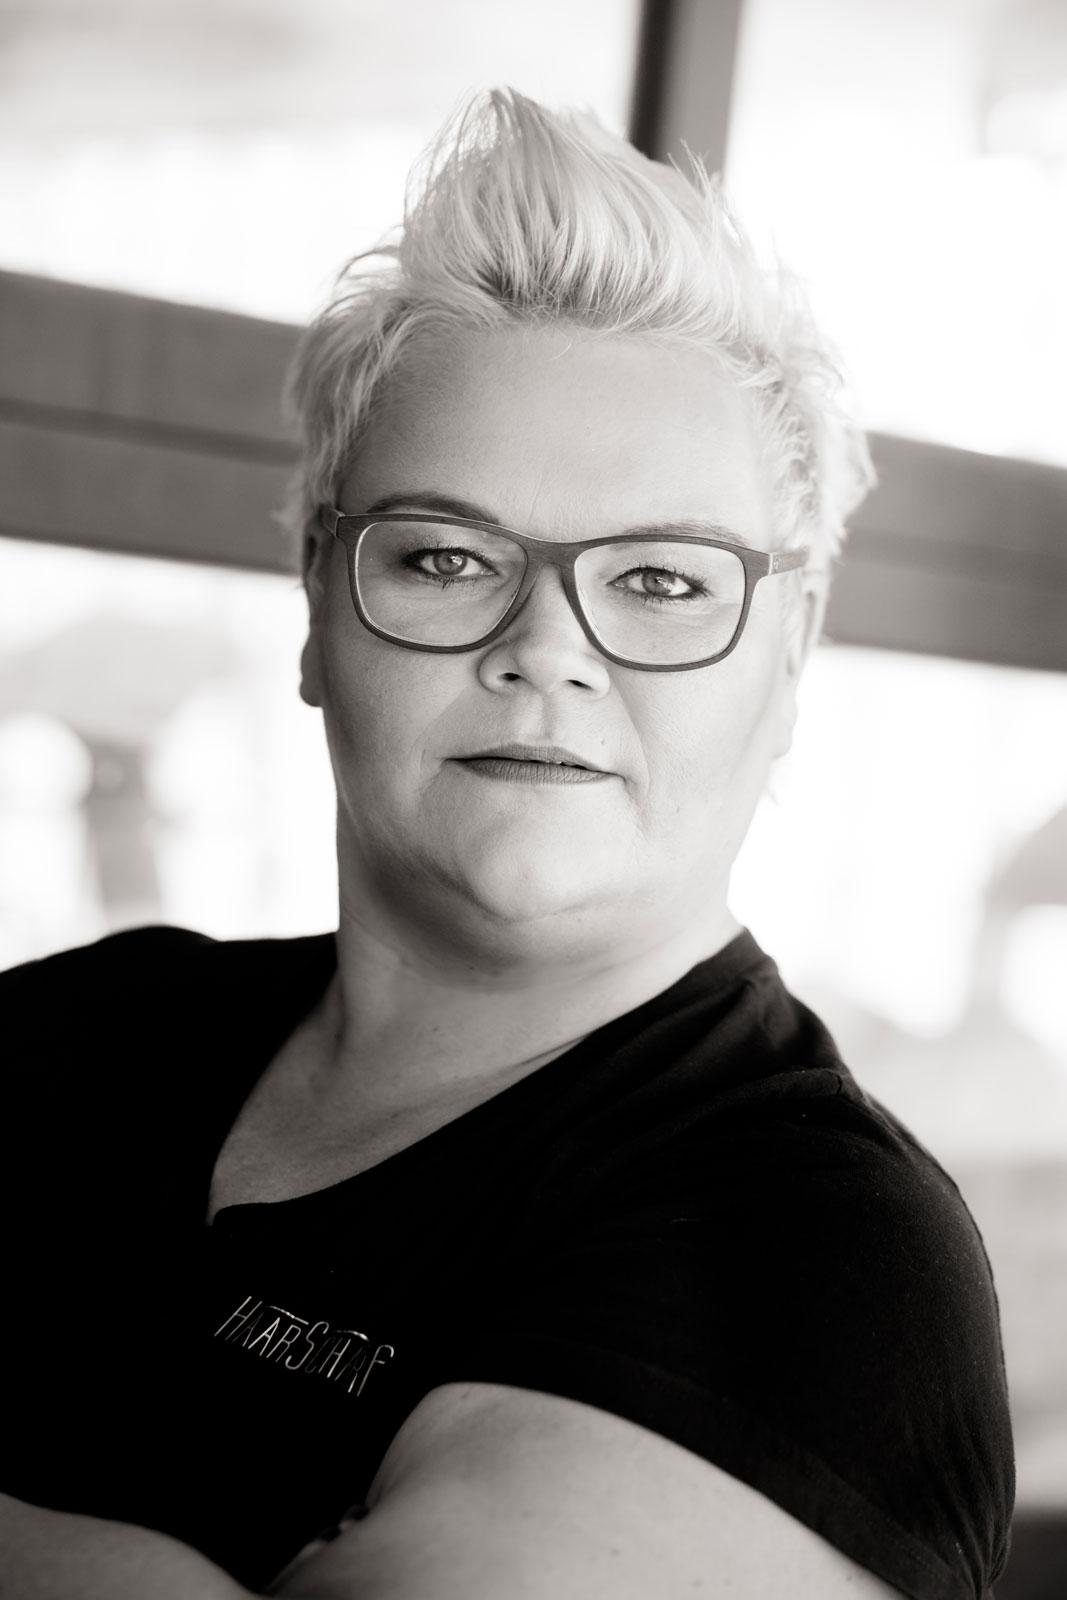 Haarscharf_Fehmarn_Hairstylist_Friseur_Salon_Burg_H0918-24_Ahlstroem_Photography.jpg